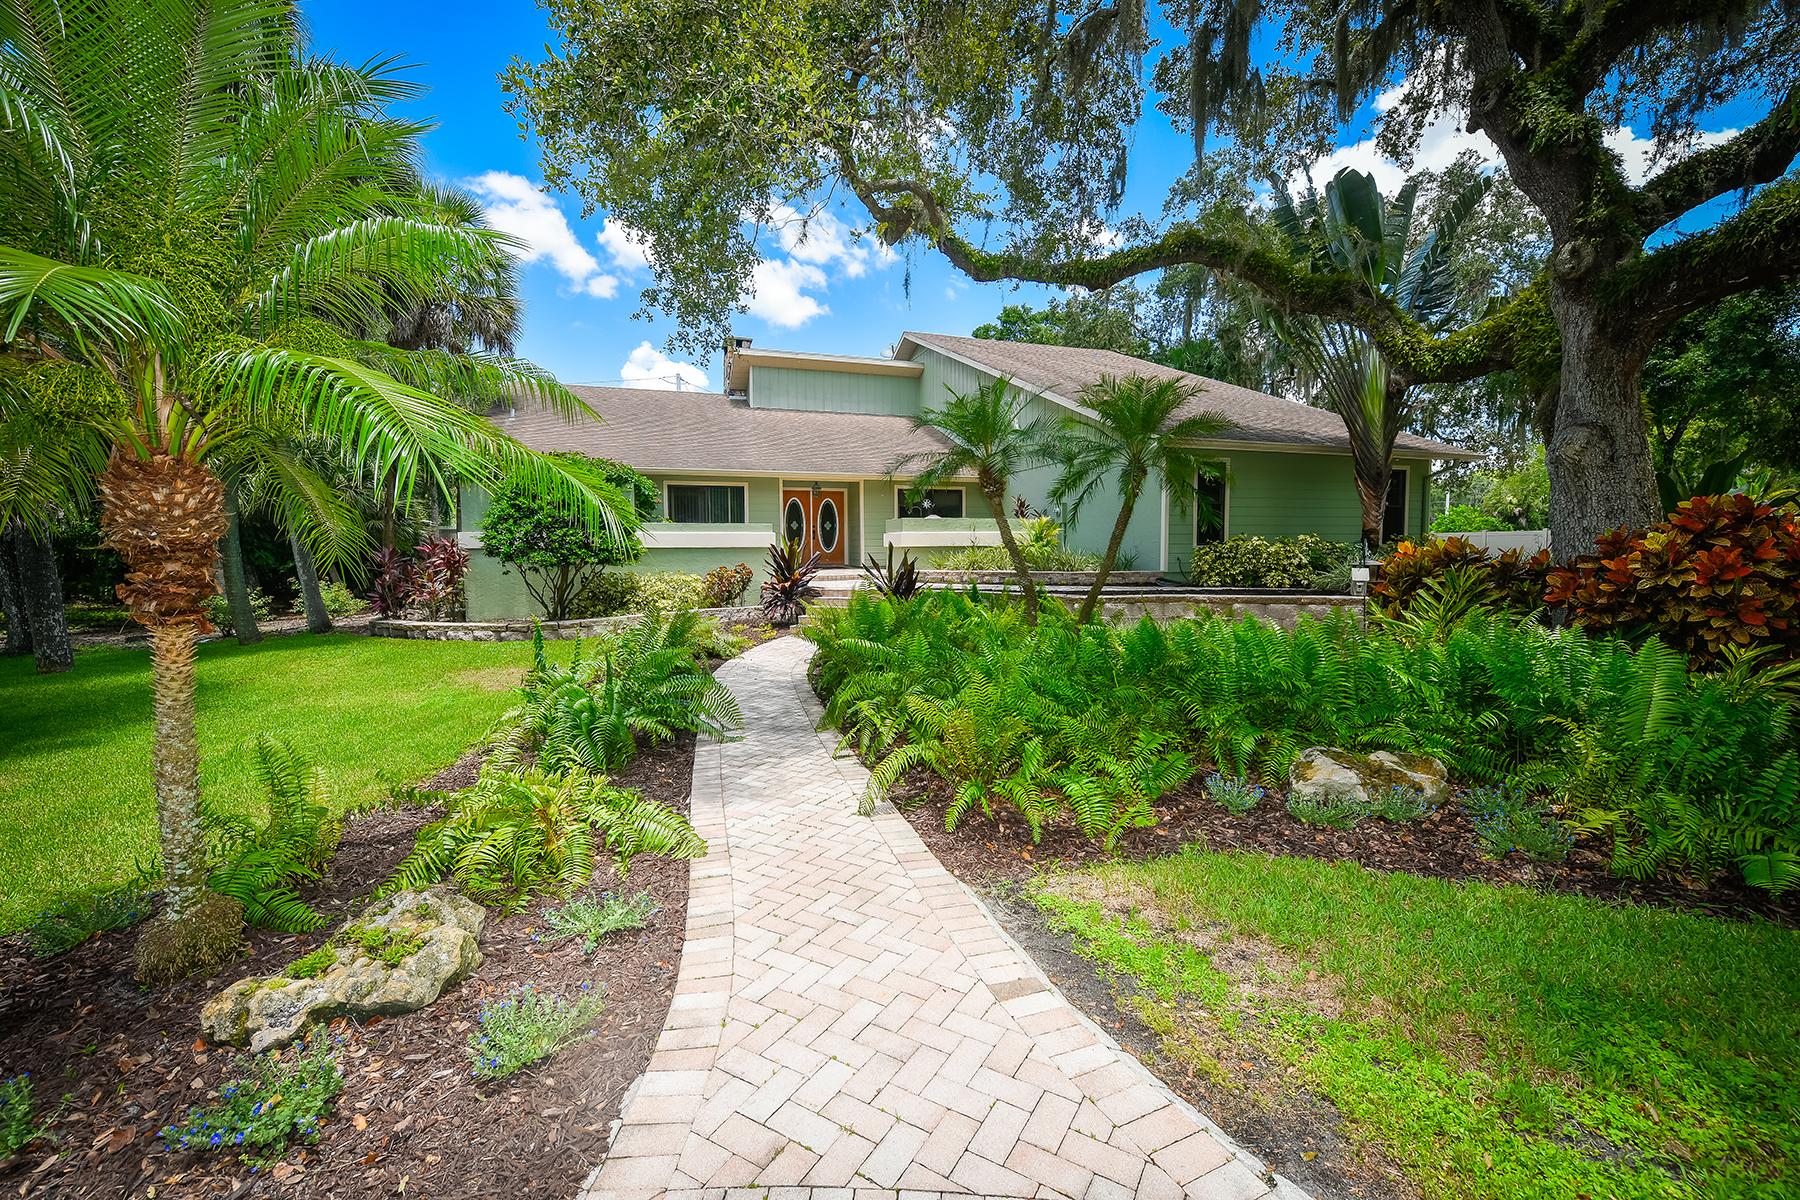 Casa para uma família para Venda às HIDDEN OAKS ESTATES 4721 Stone Ridge Trl Sarasota, Florida, 34232 Estados Unidos